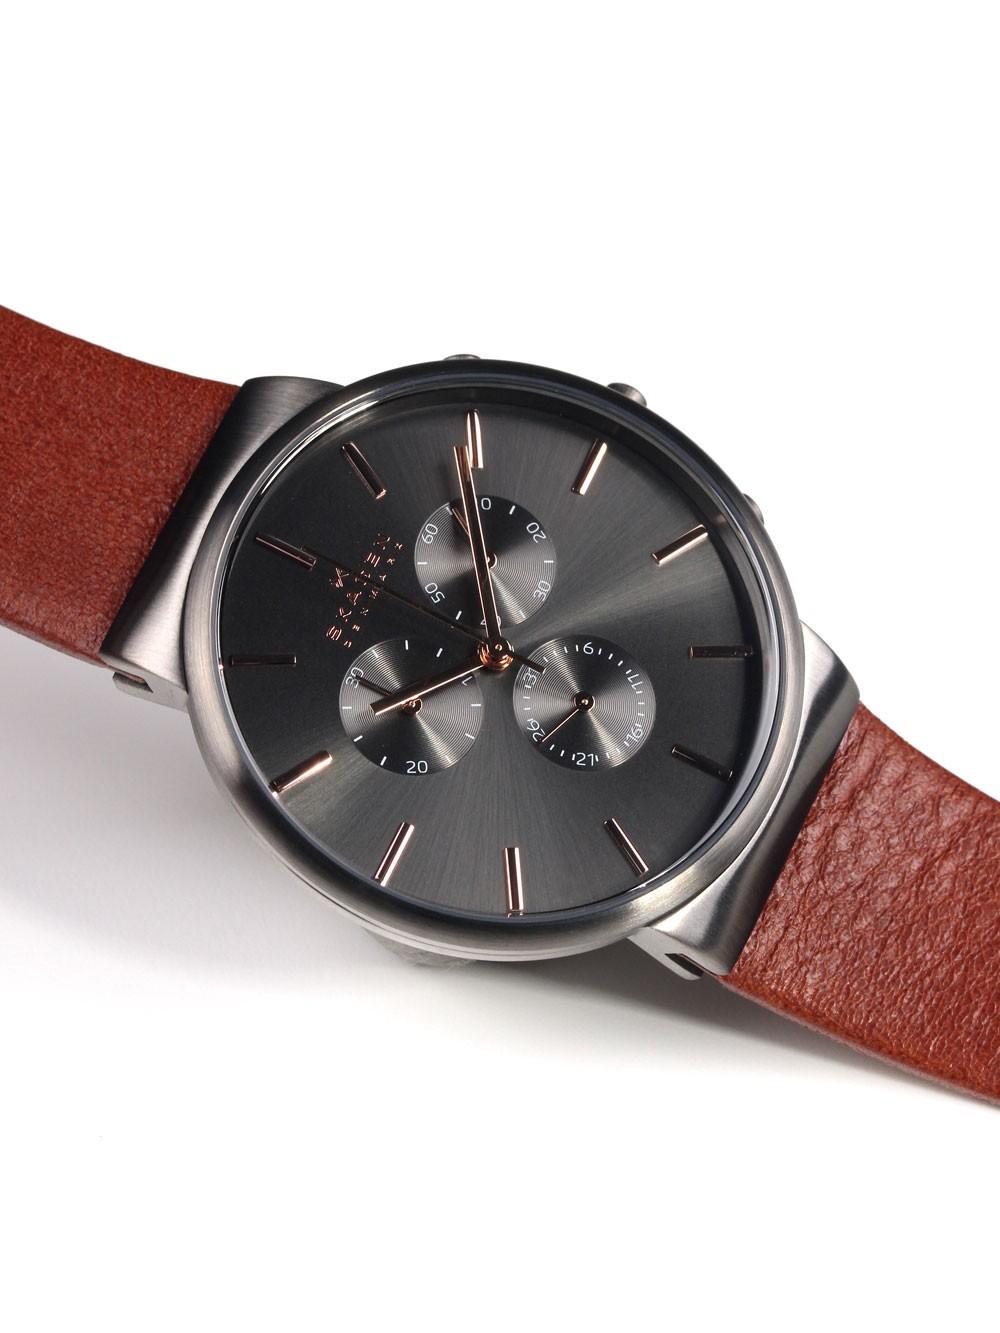 watches chrono12 skagen ancher skw6106 herren. Black Bedroom Furniture Sets. Home Design Ideas